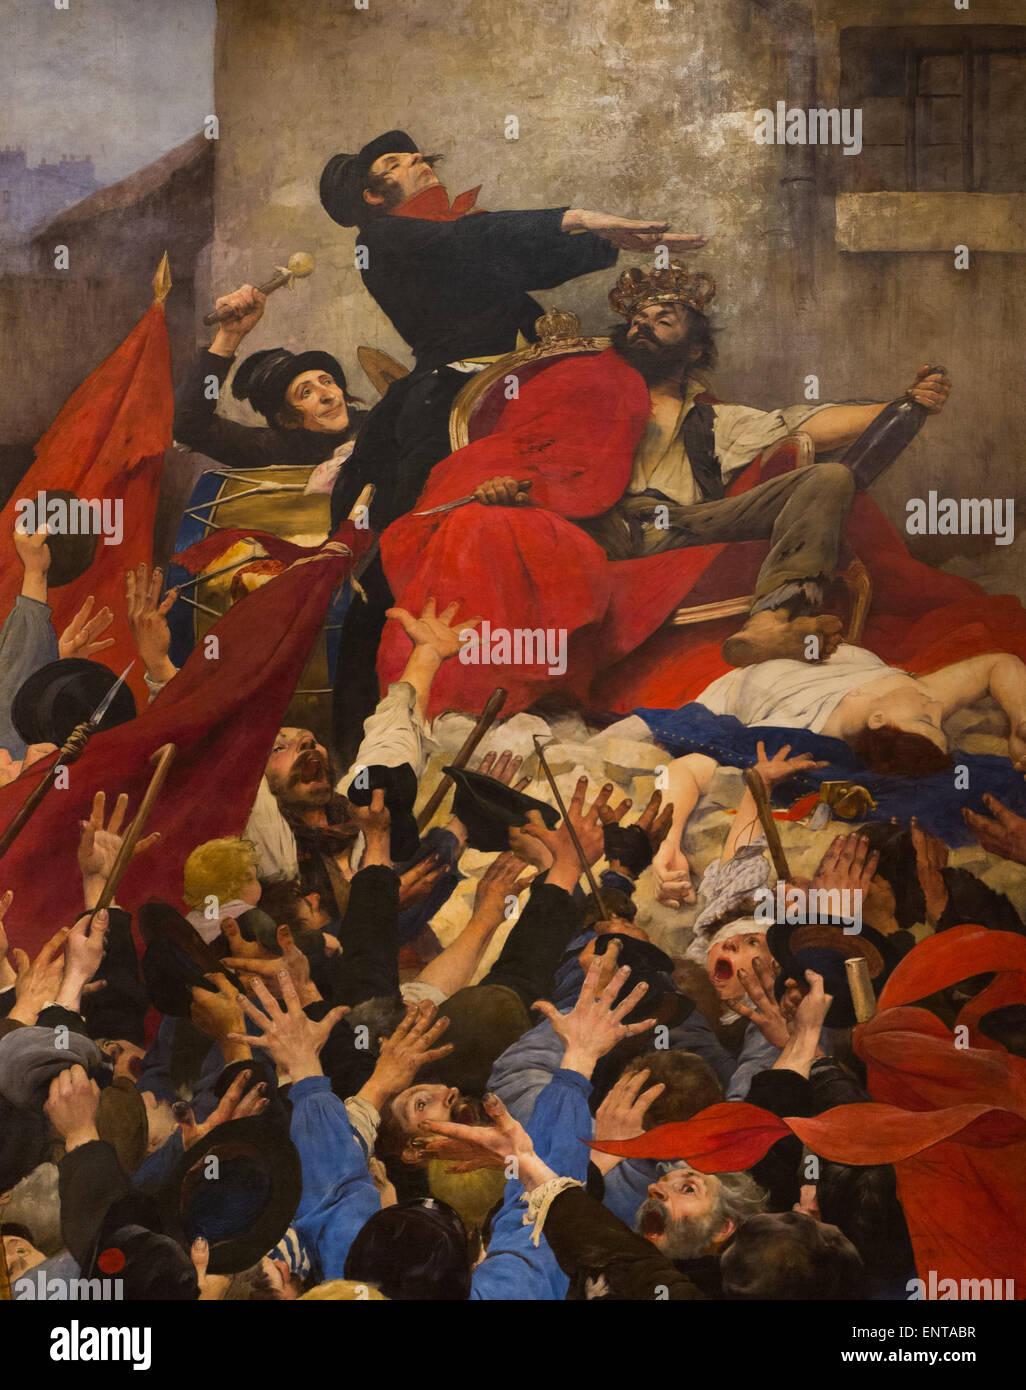 ActiveMuseum_0005945.jpg / Le triomphe de Robert Maccaire ou l'Apotheose ou le triomphe de l'blackguard Photo Stock